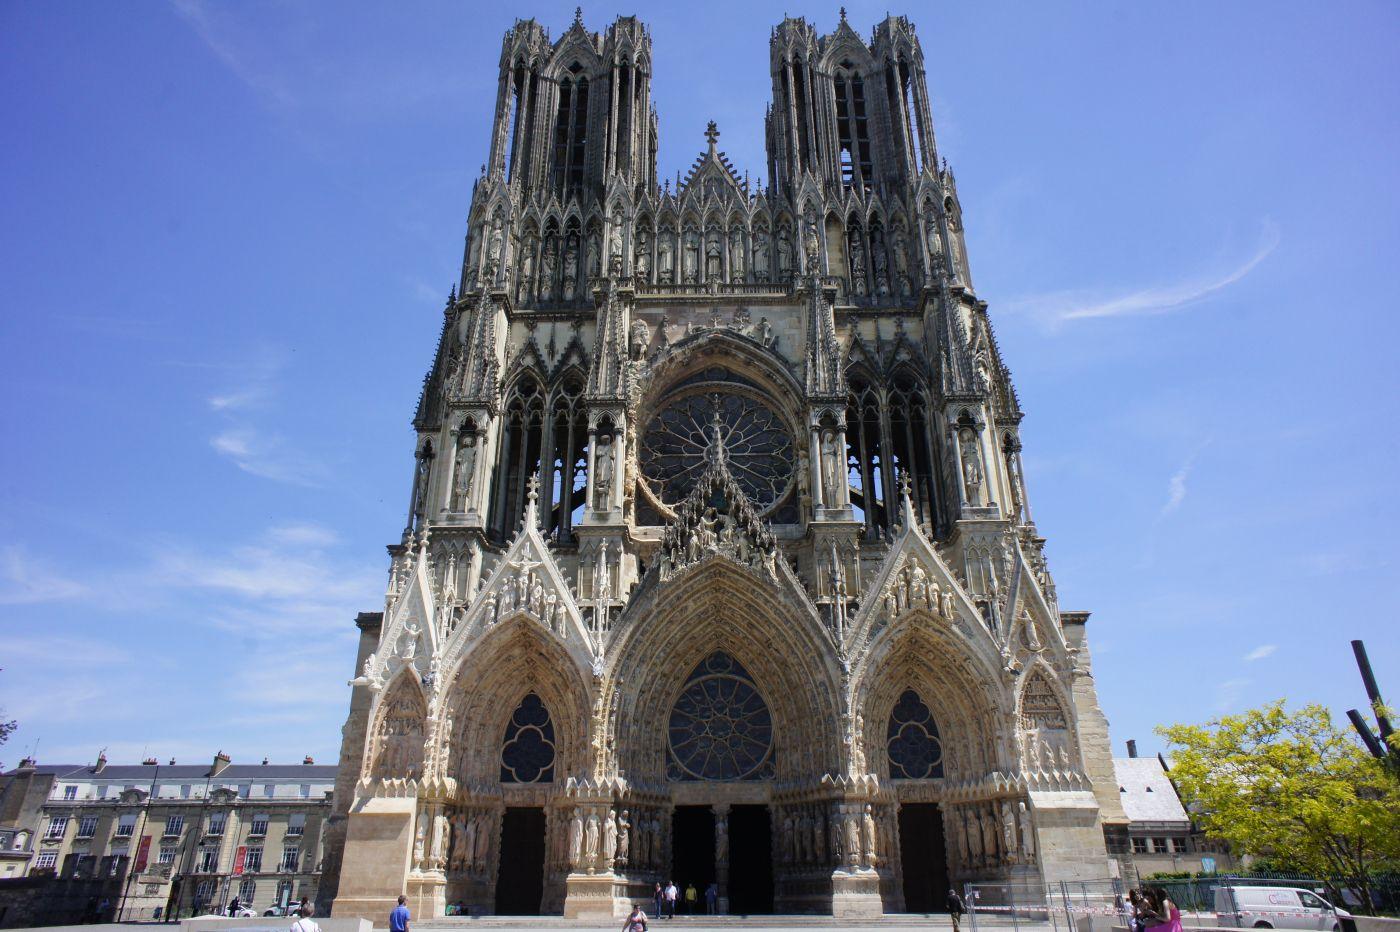 Visiter Reims - Cathédrale Notre-Dame de Reims